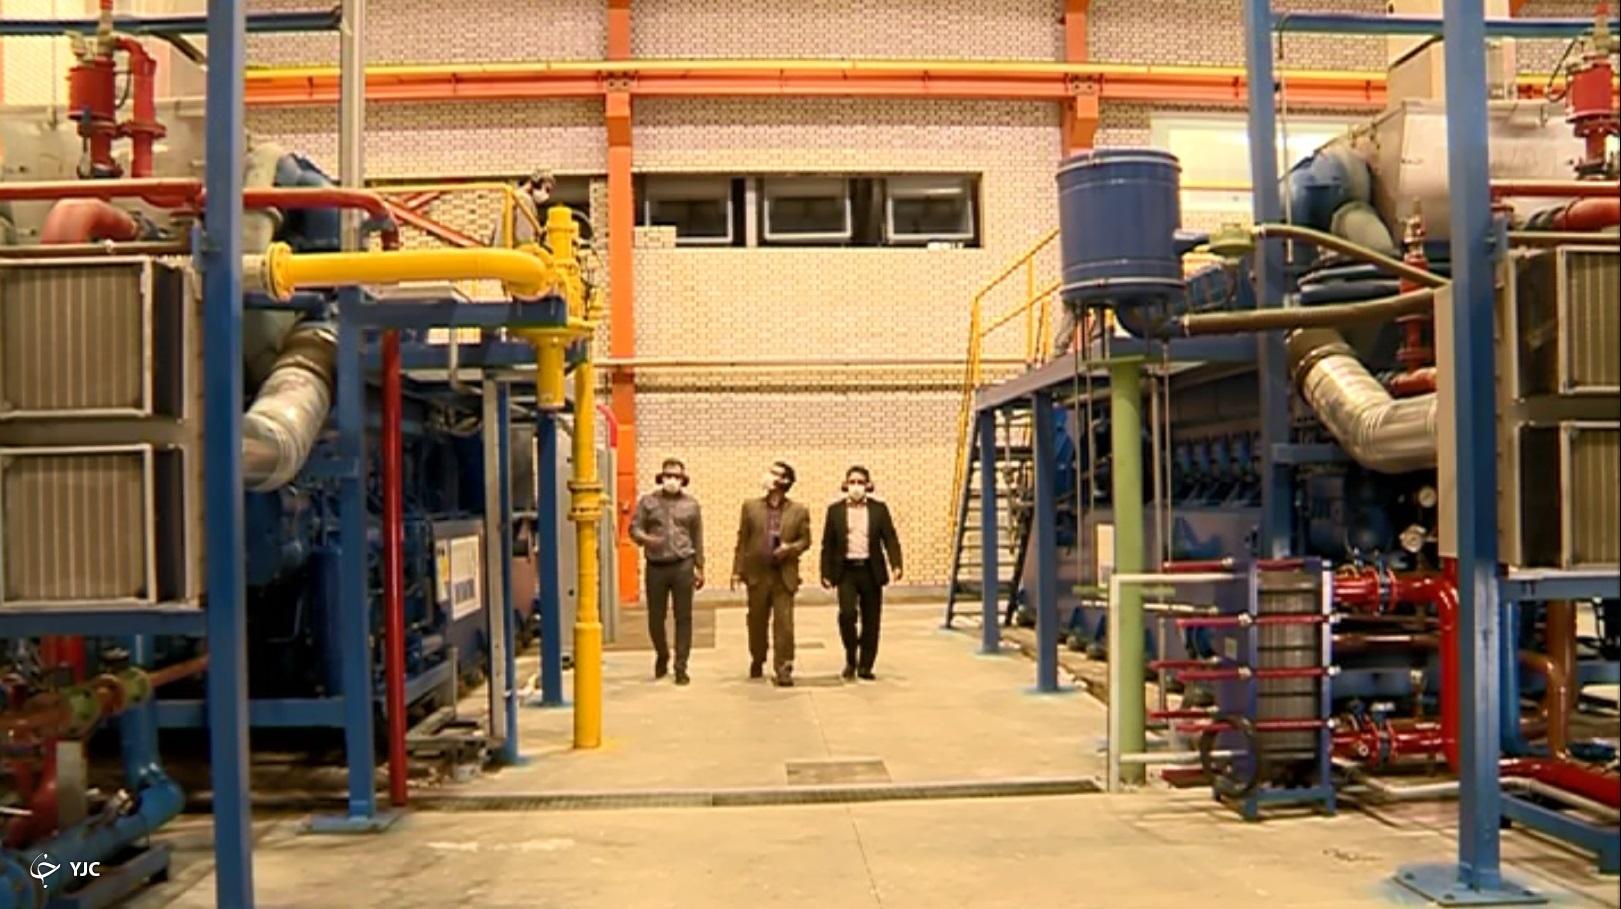 رکورد شکنی متخصصان ایرانی در احداث نیروگاه برق